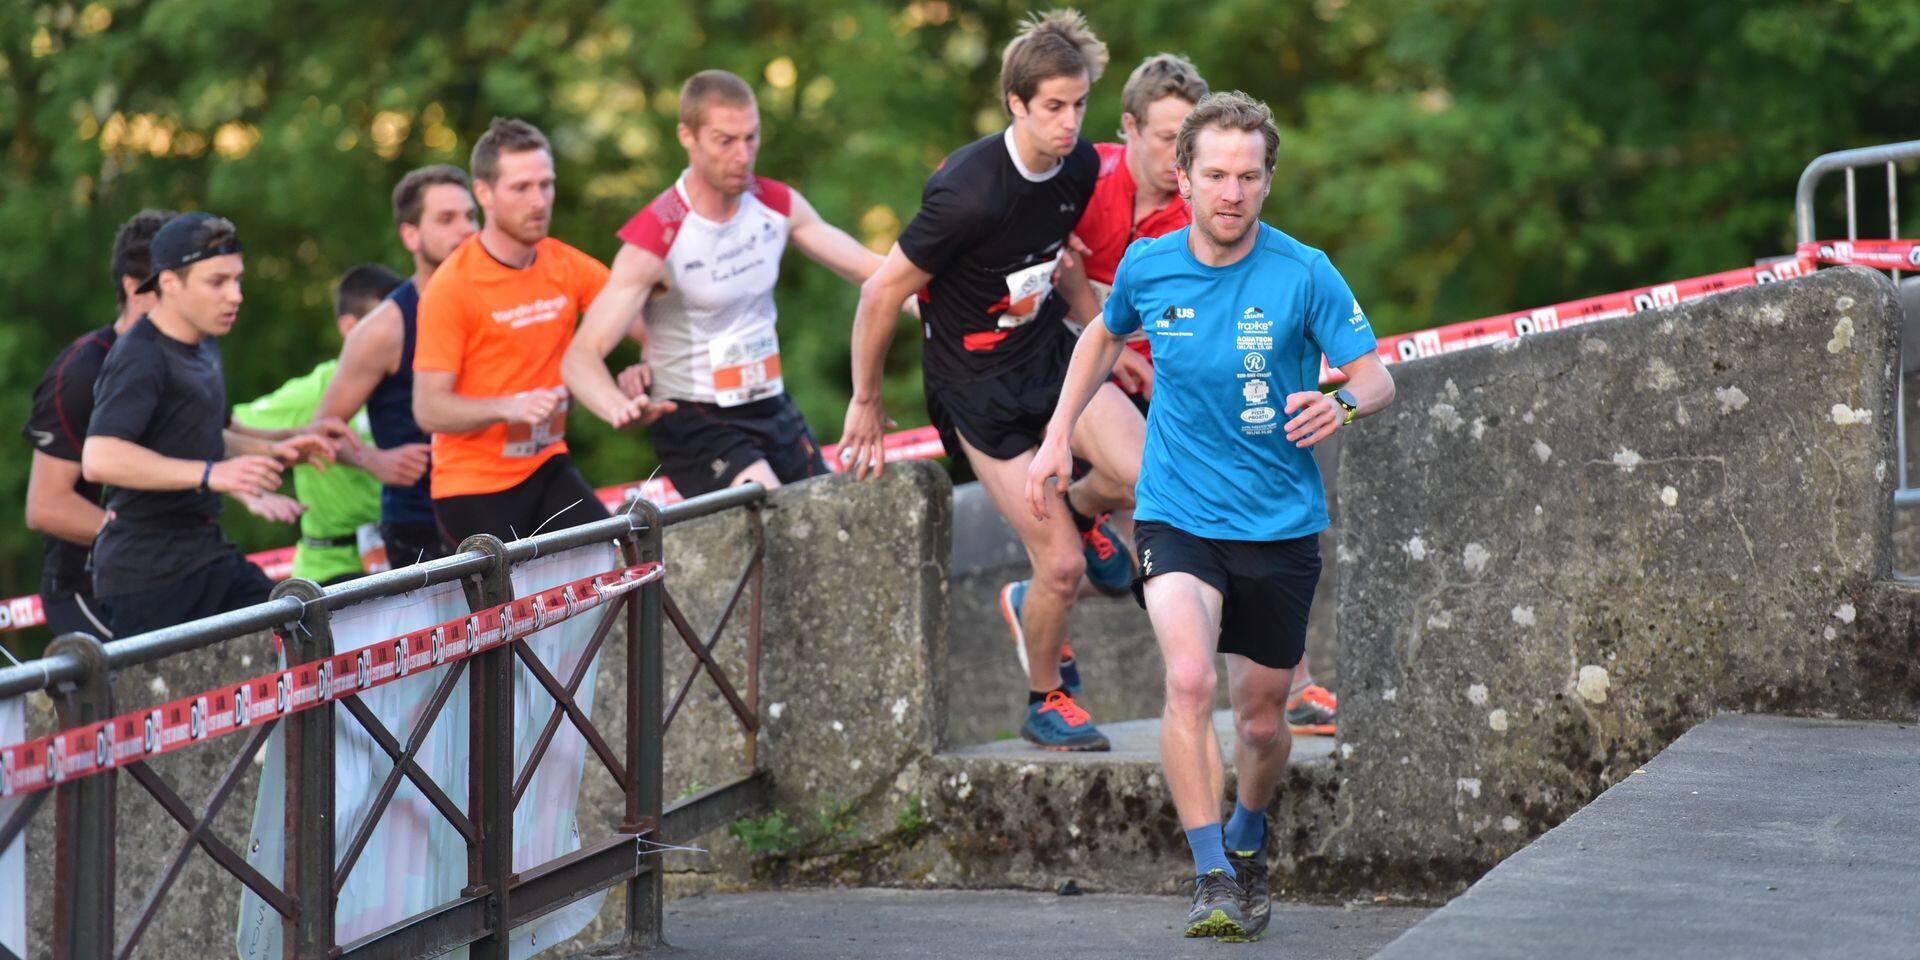 L'Enduro Trail de Namur a lieu ce vendredi: voici pourquoi c'est une épreuve à part